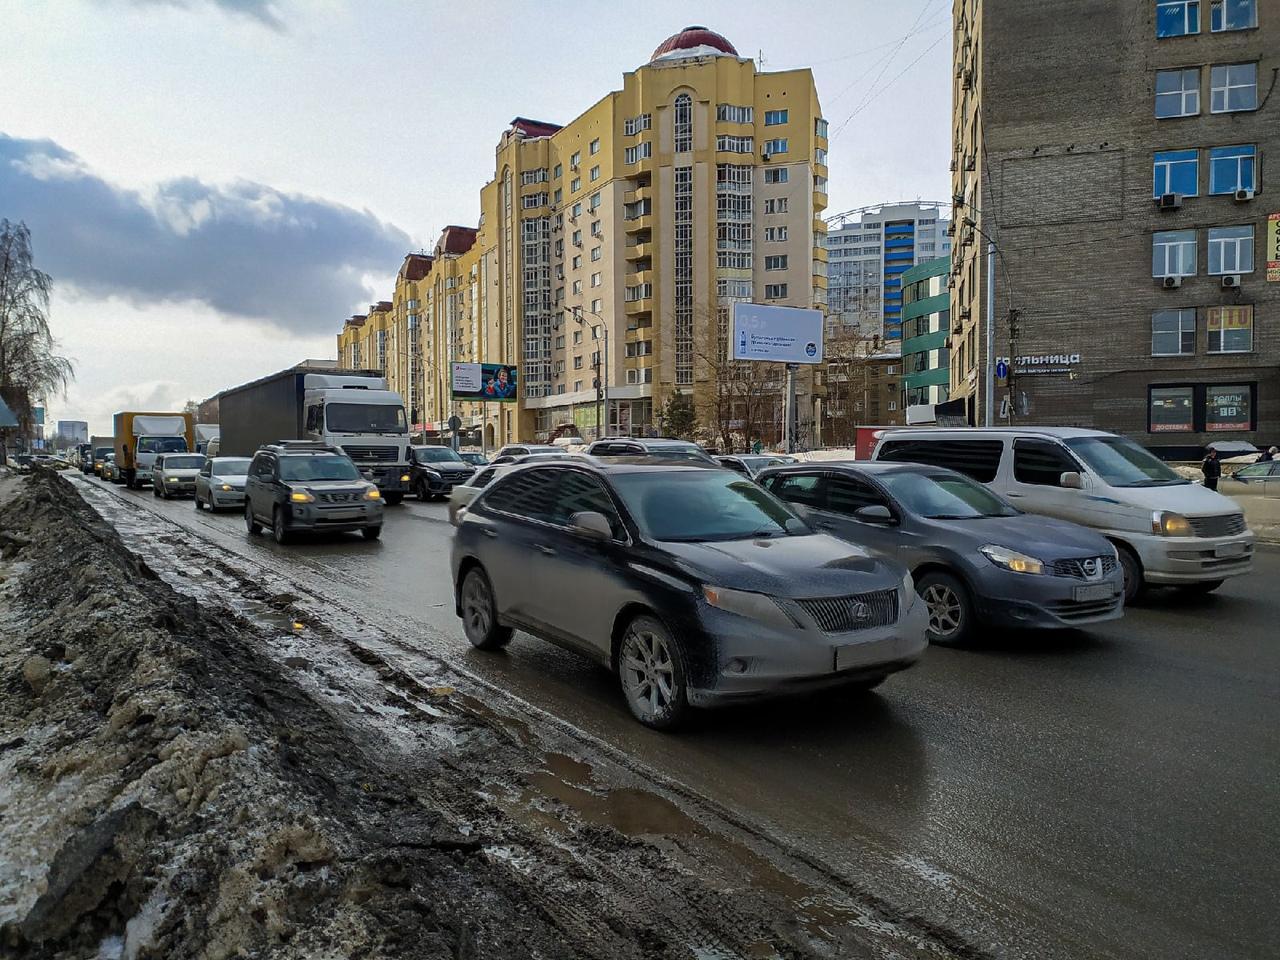 Фото Грязная весна в Новосибирске: 10 ужасающих фото улиц и дворов города 9